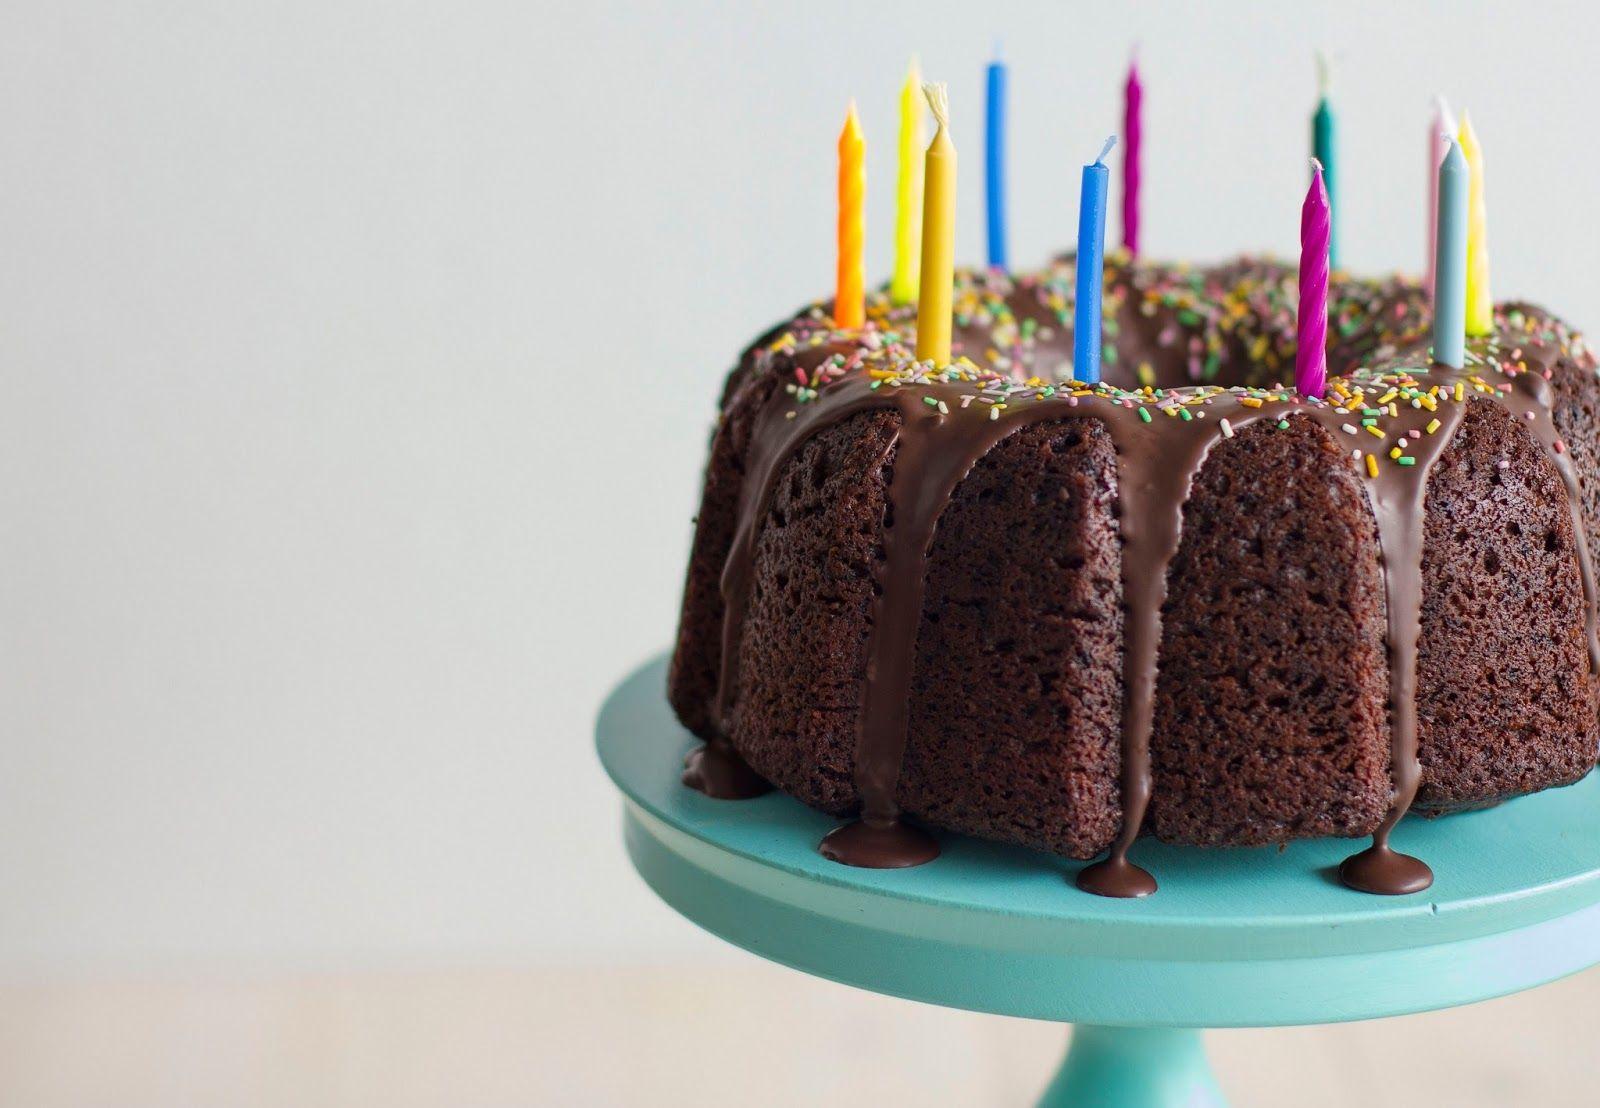 Chocolate cake by Lume Brando